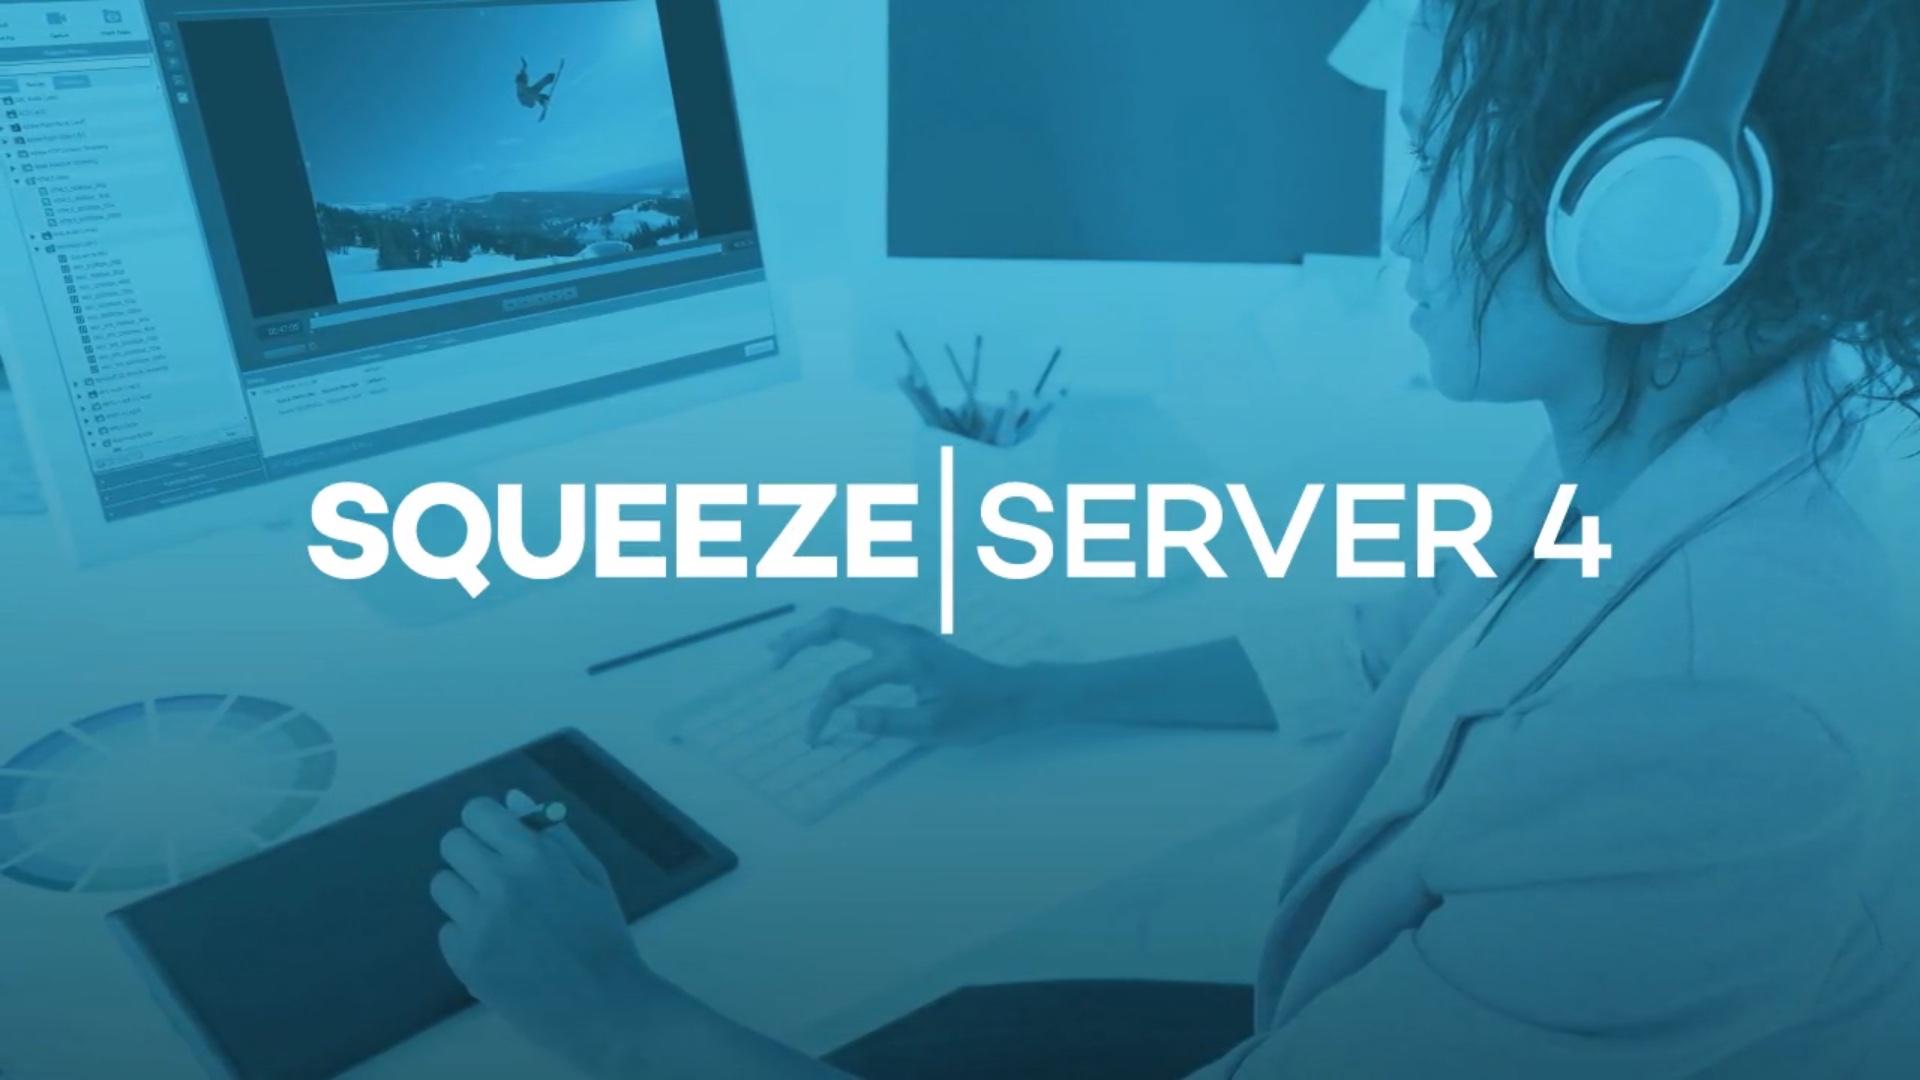 YIT Sorenson Squeeze Server 4